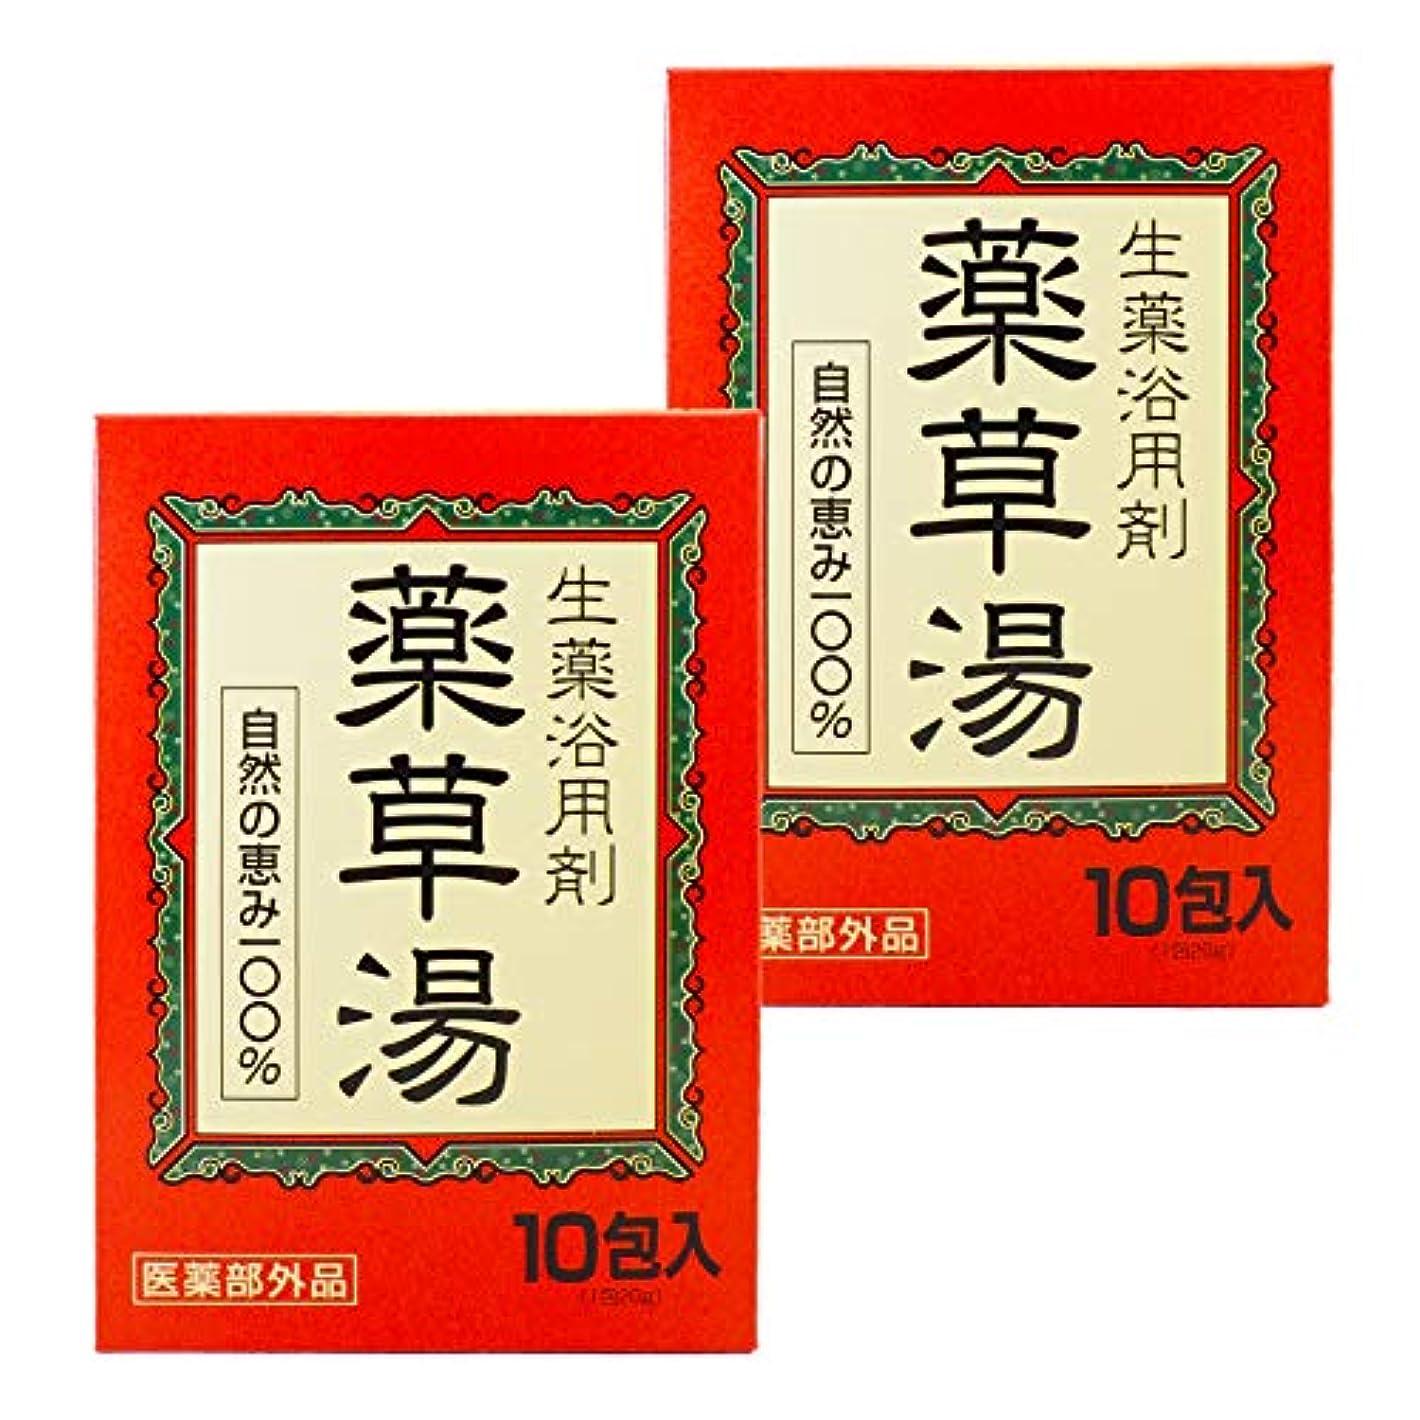 トレース排出ウェイター【まとめ買い】 薬草湯 生薬浴用剤 10包入×2個 自然のめぐみ100% 医薬部外品